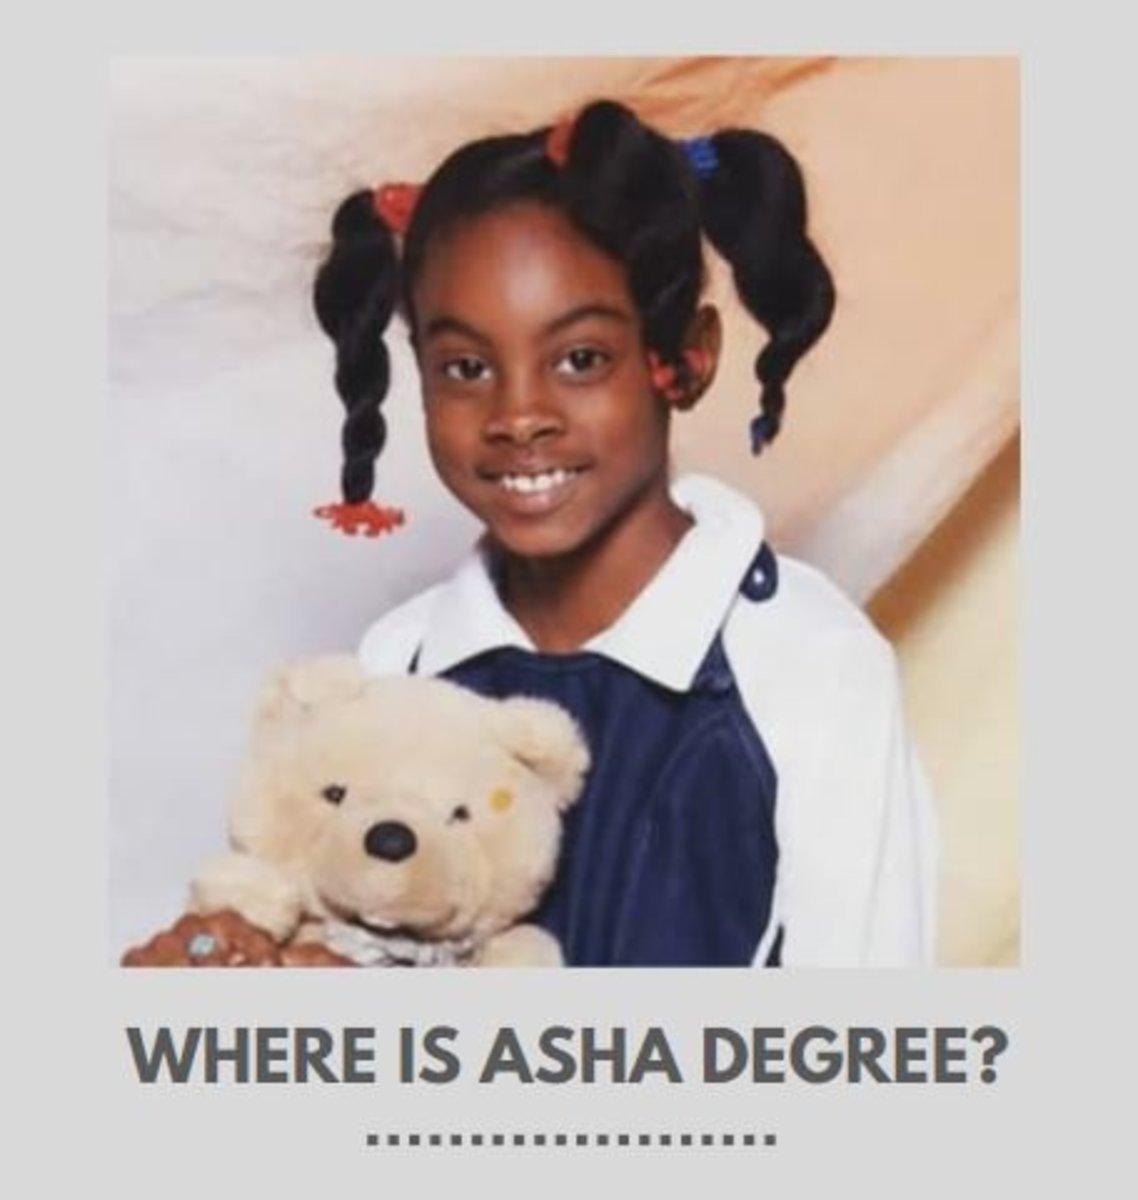 Where Is Asha Degree?